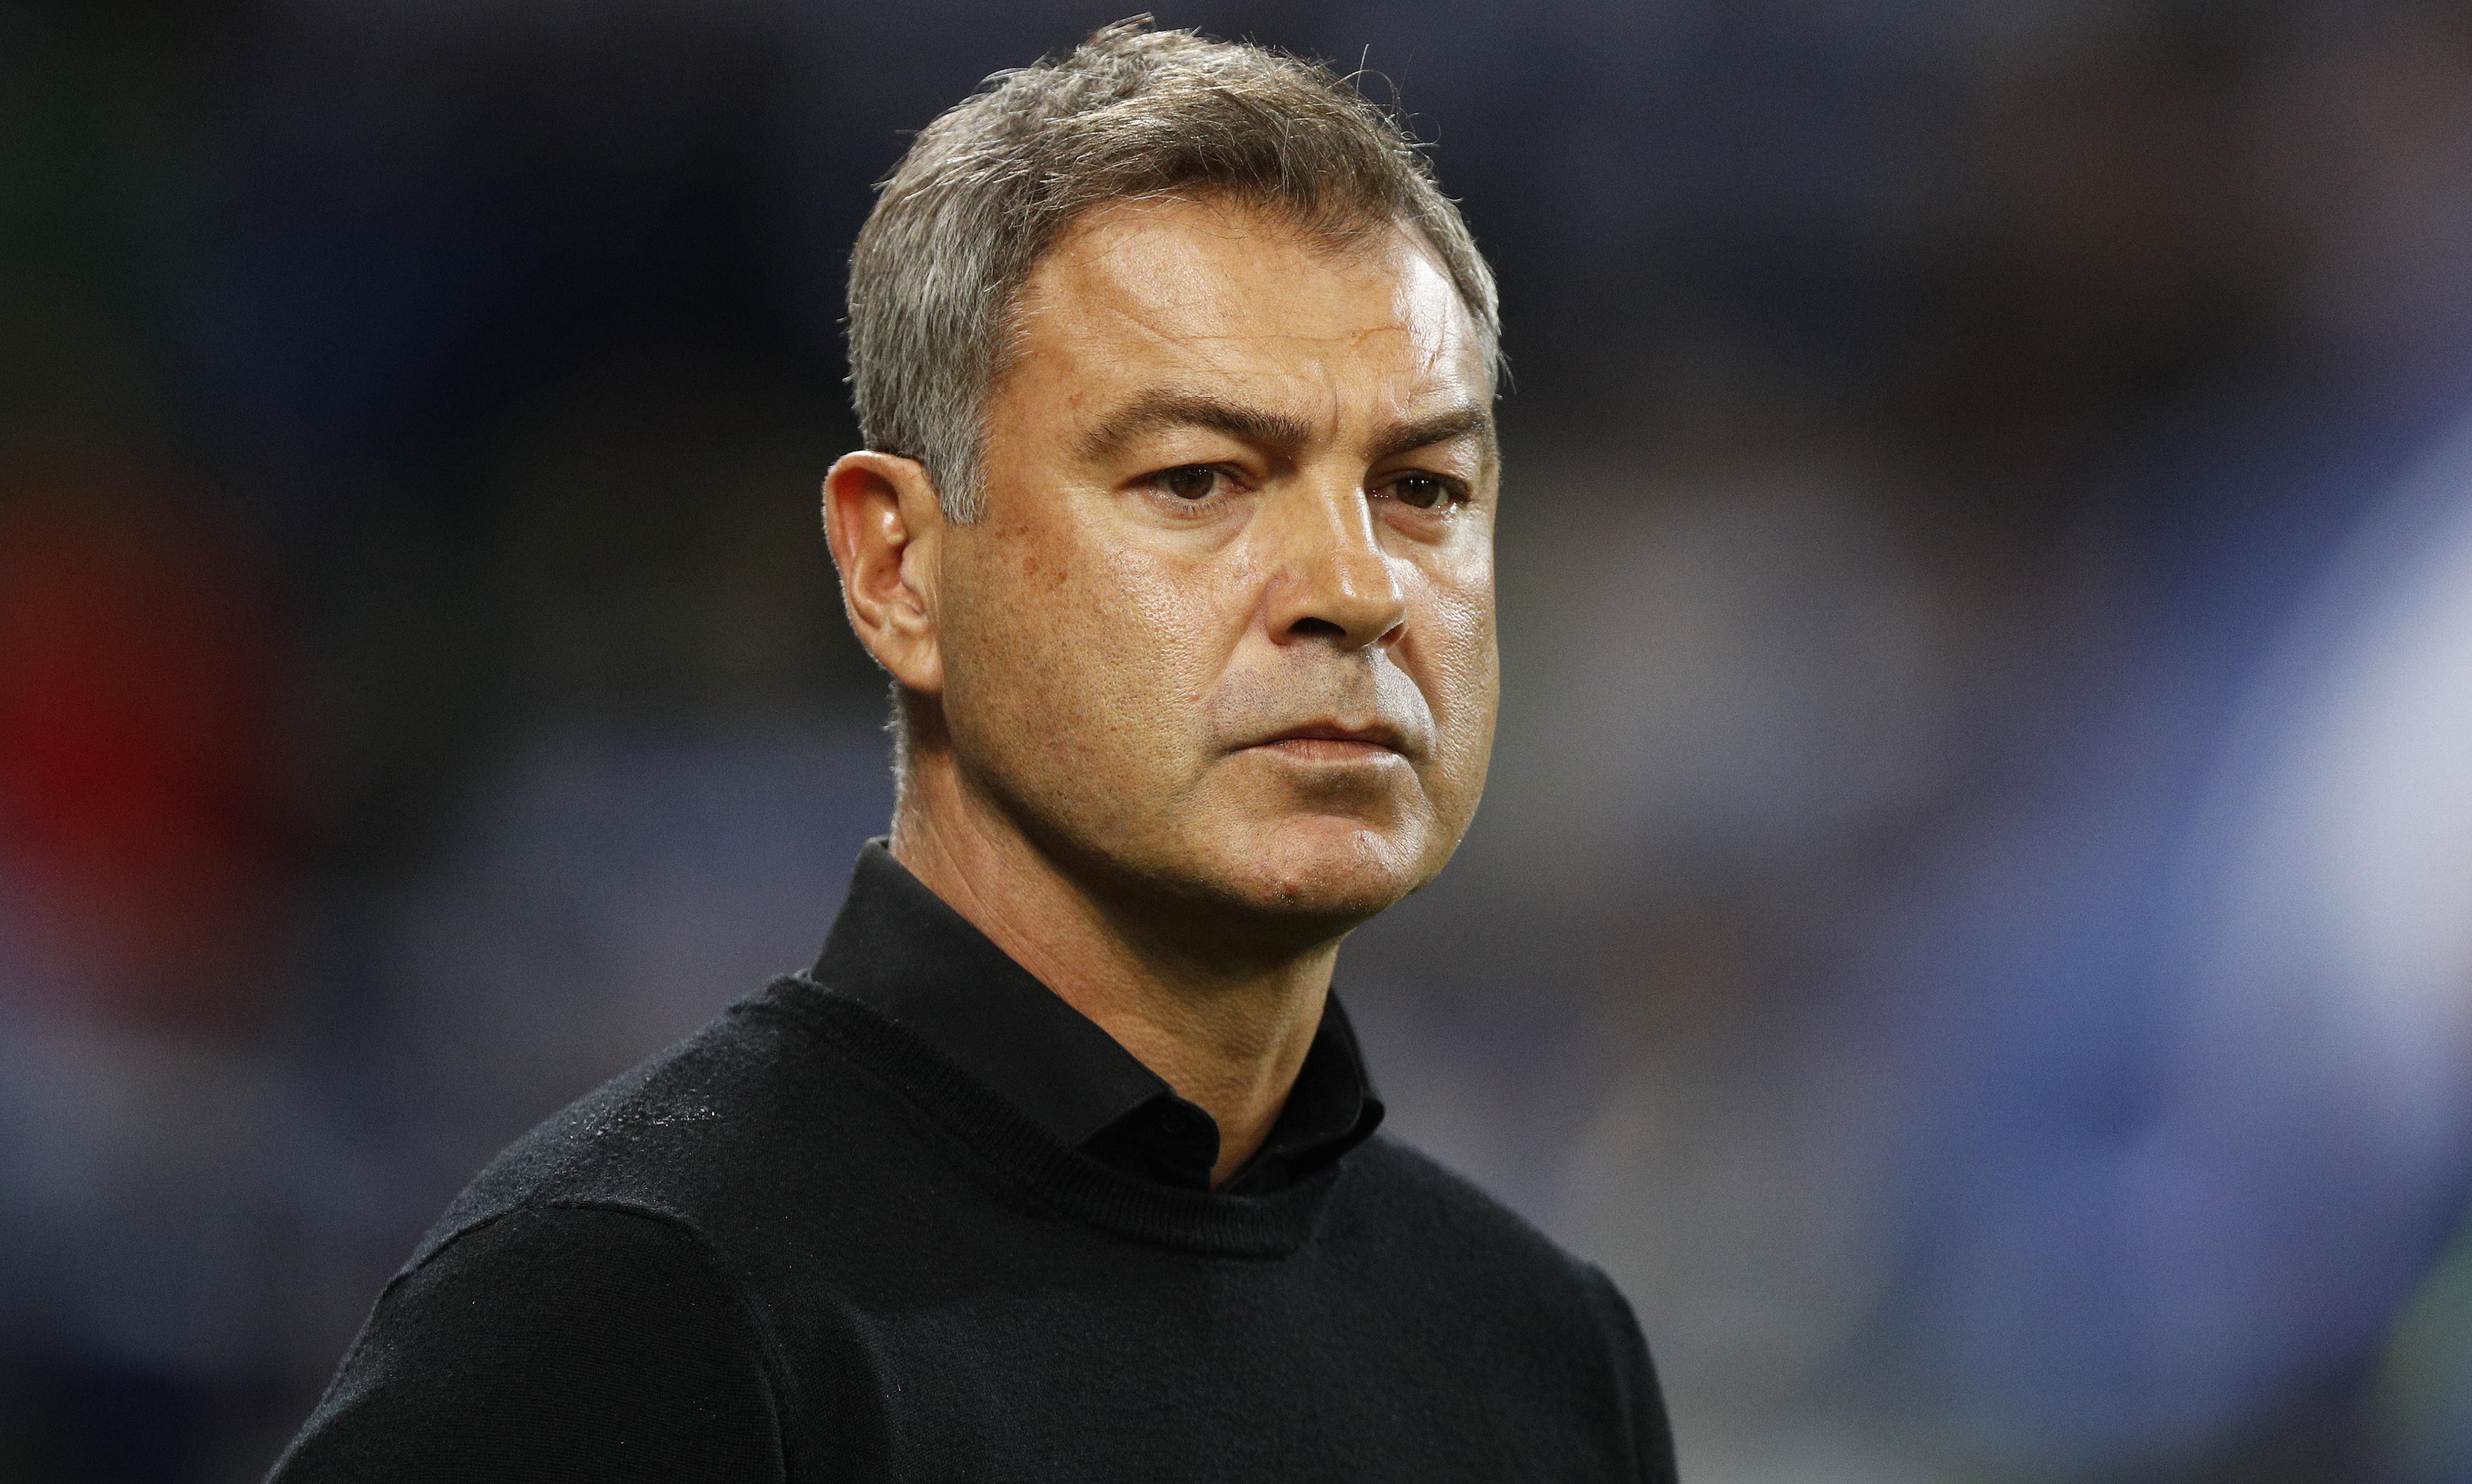 New A-League club Western United confirm Mark Rudan as inaugural coach